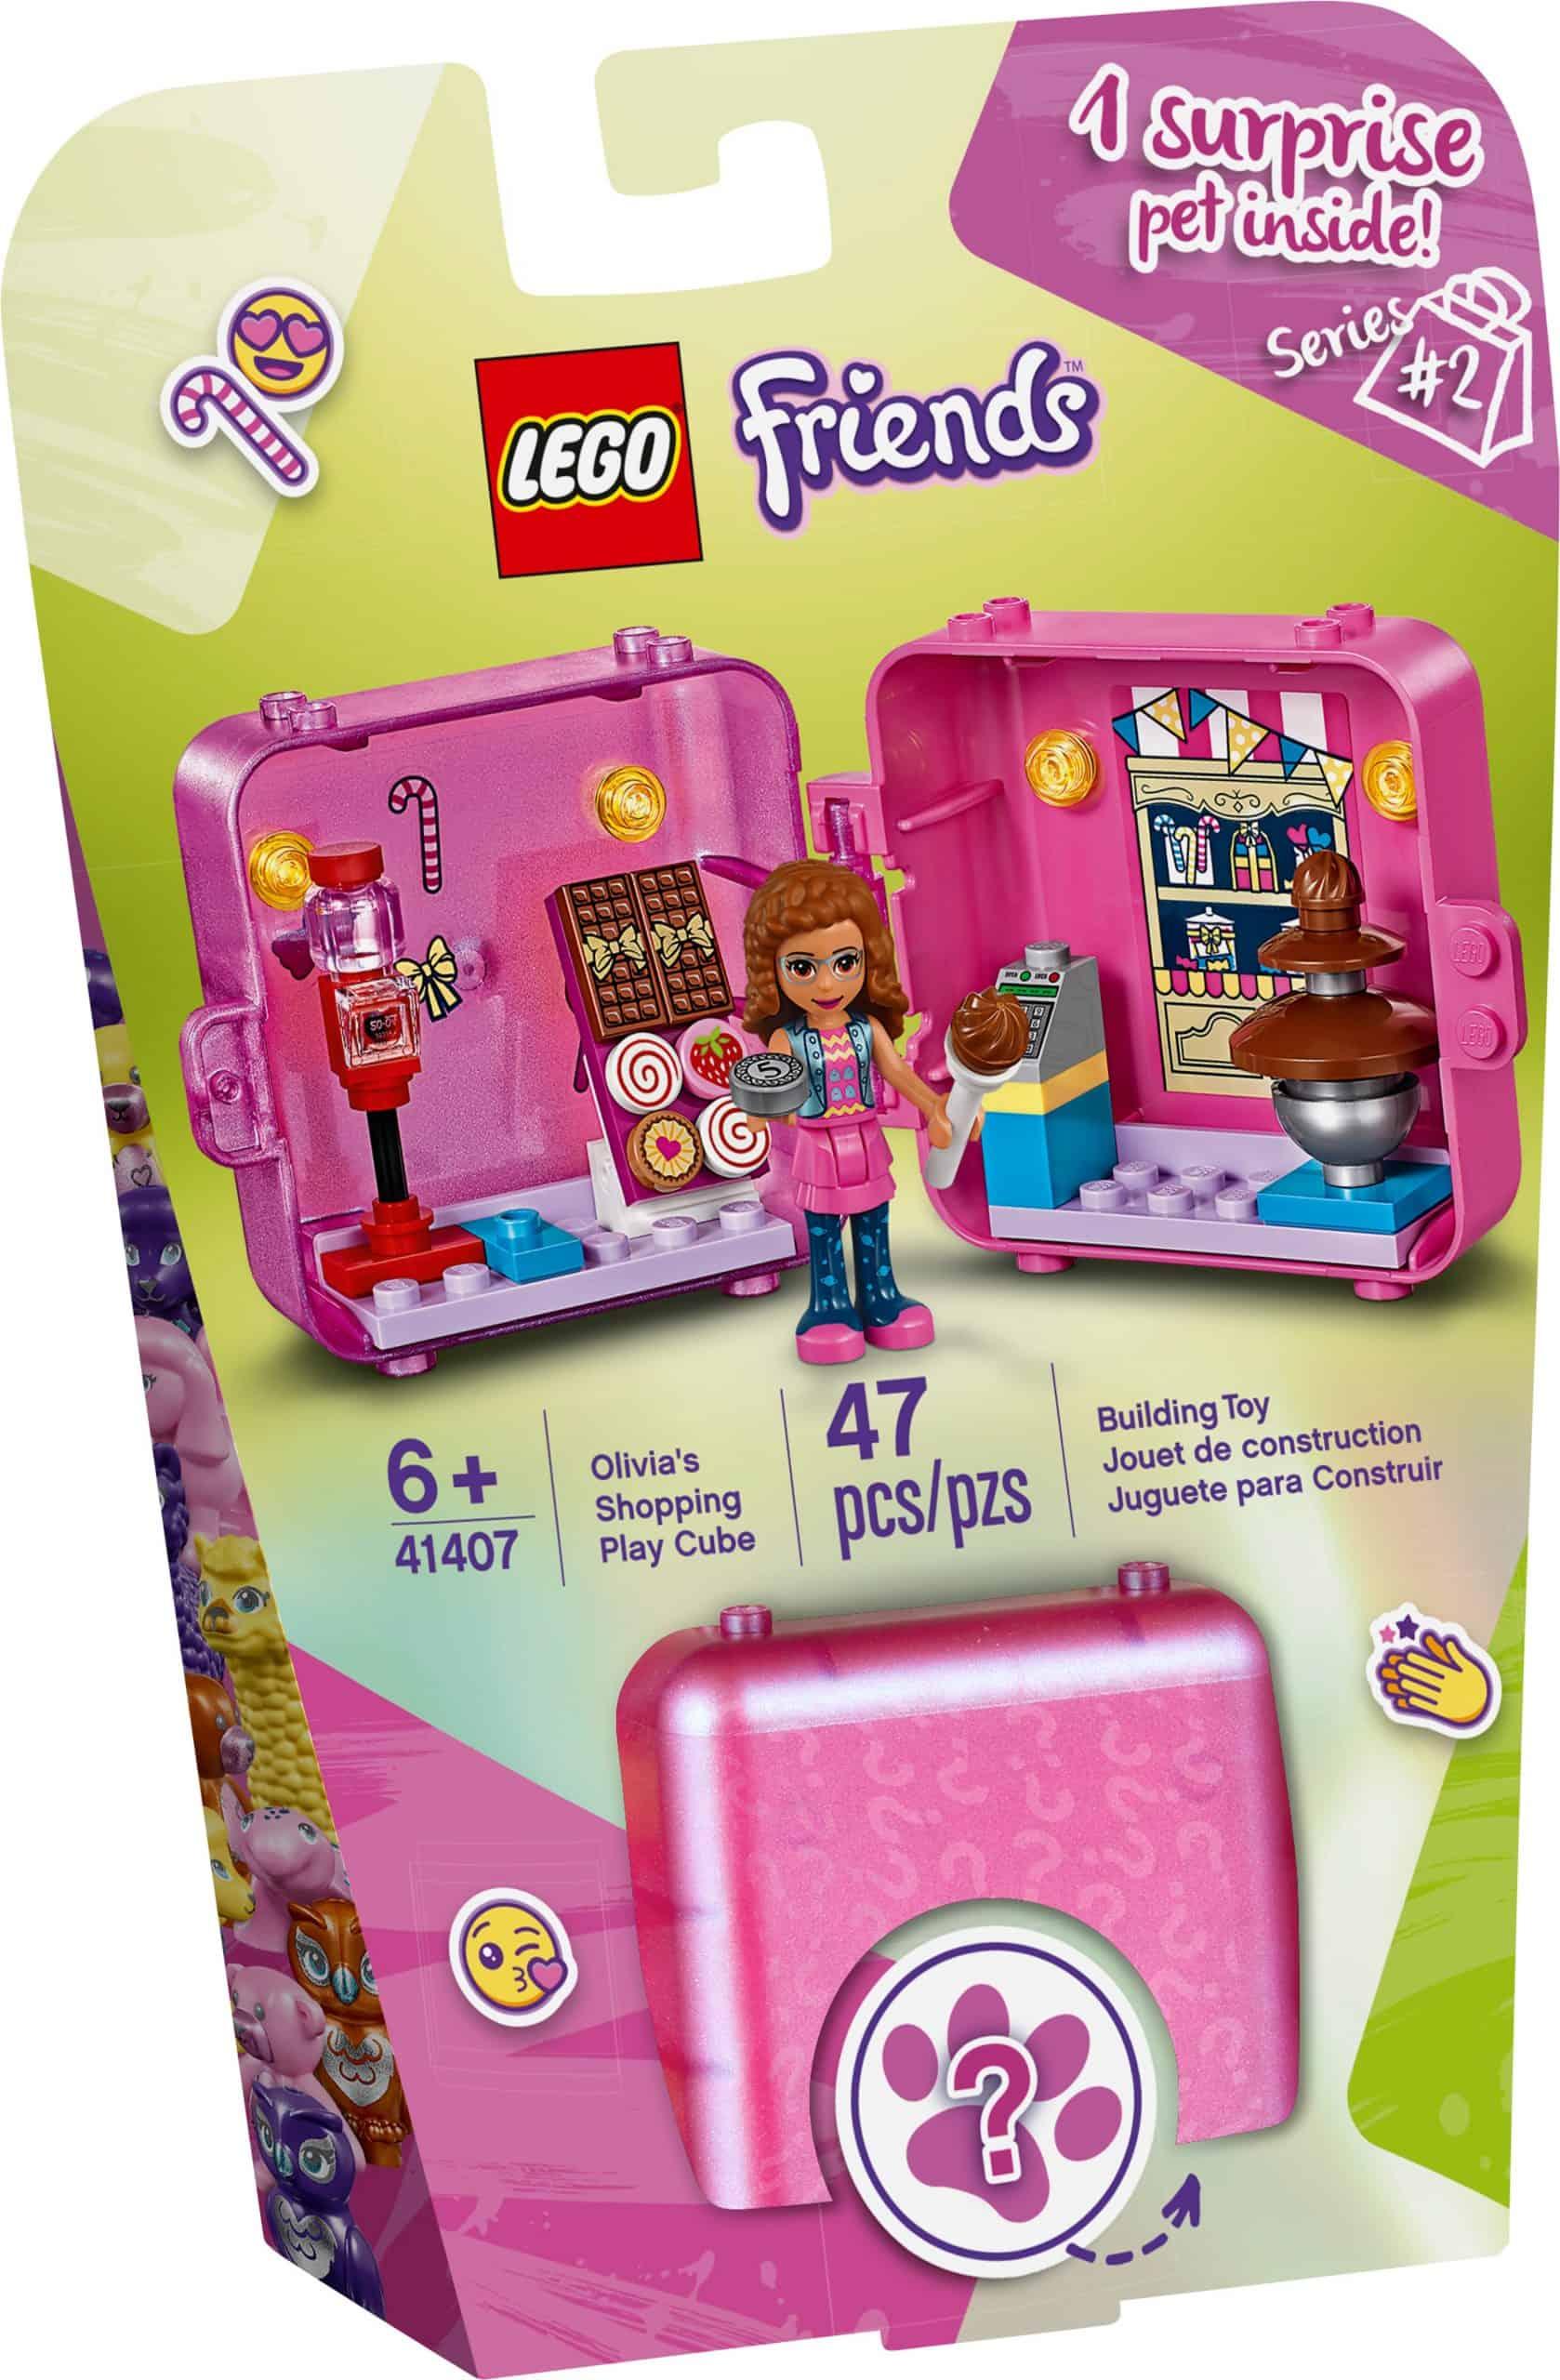 lego 41407 le cube de jeu shopping dolivia scaled